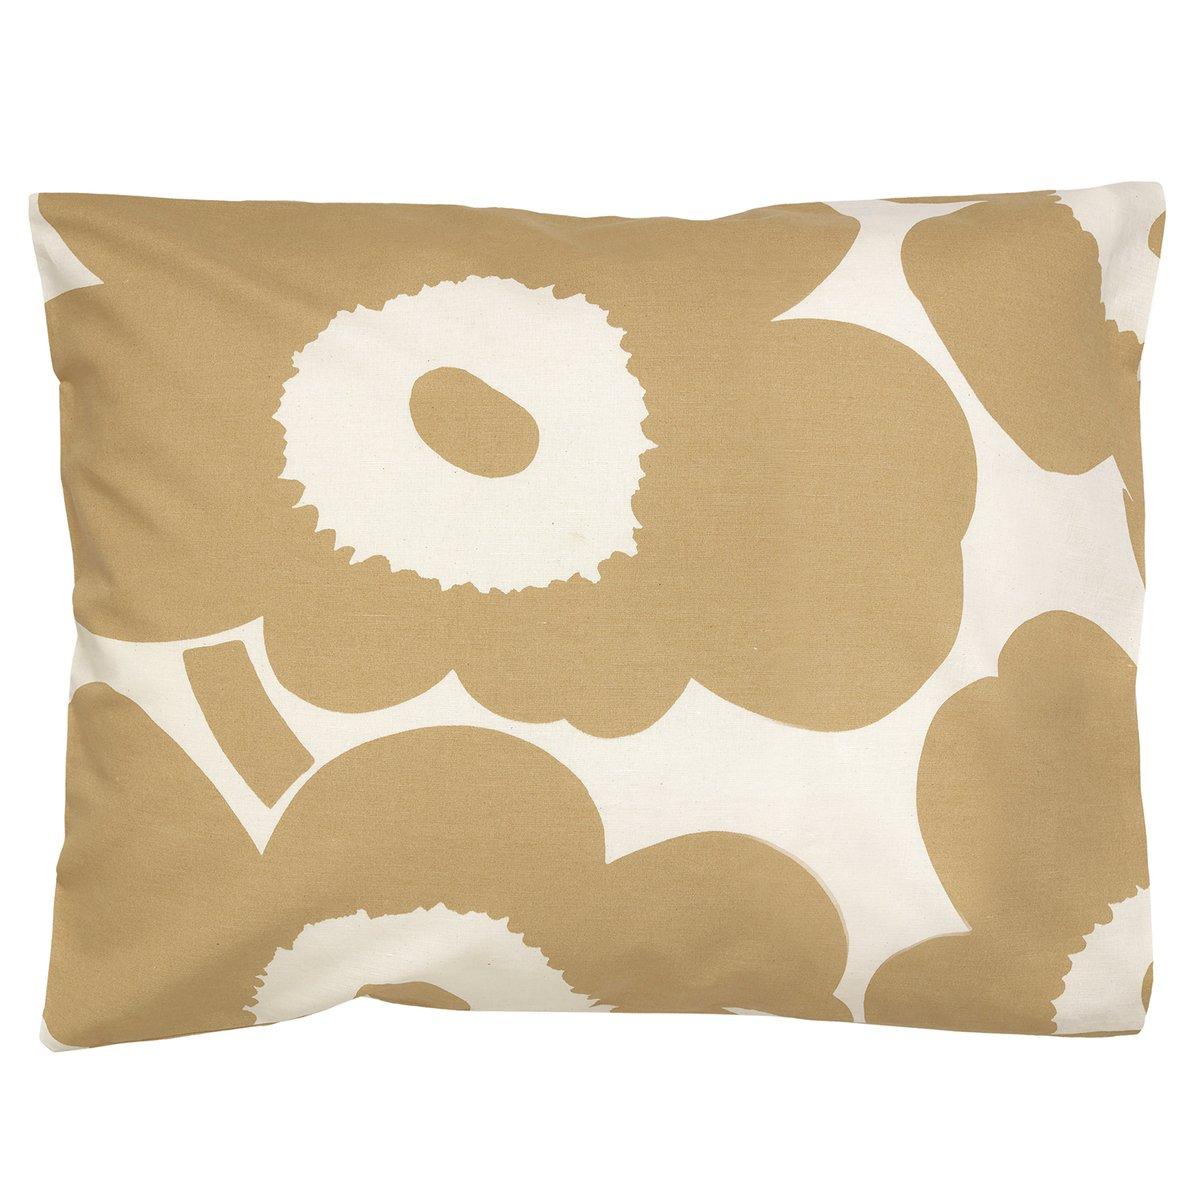 Marimekko Unikko Pillowcase 50 X 60 Cm, Cotton - Beige